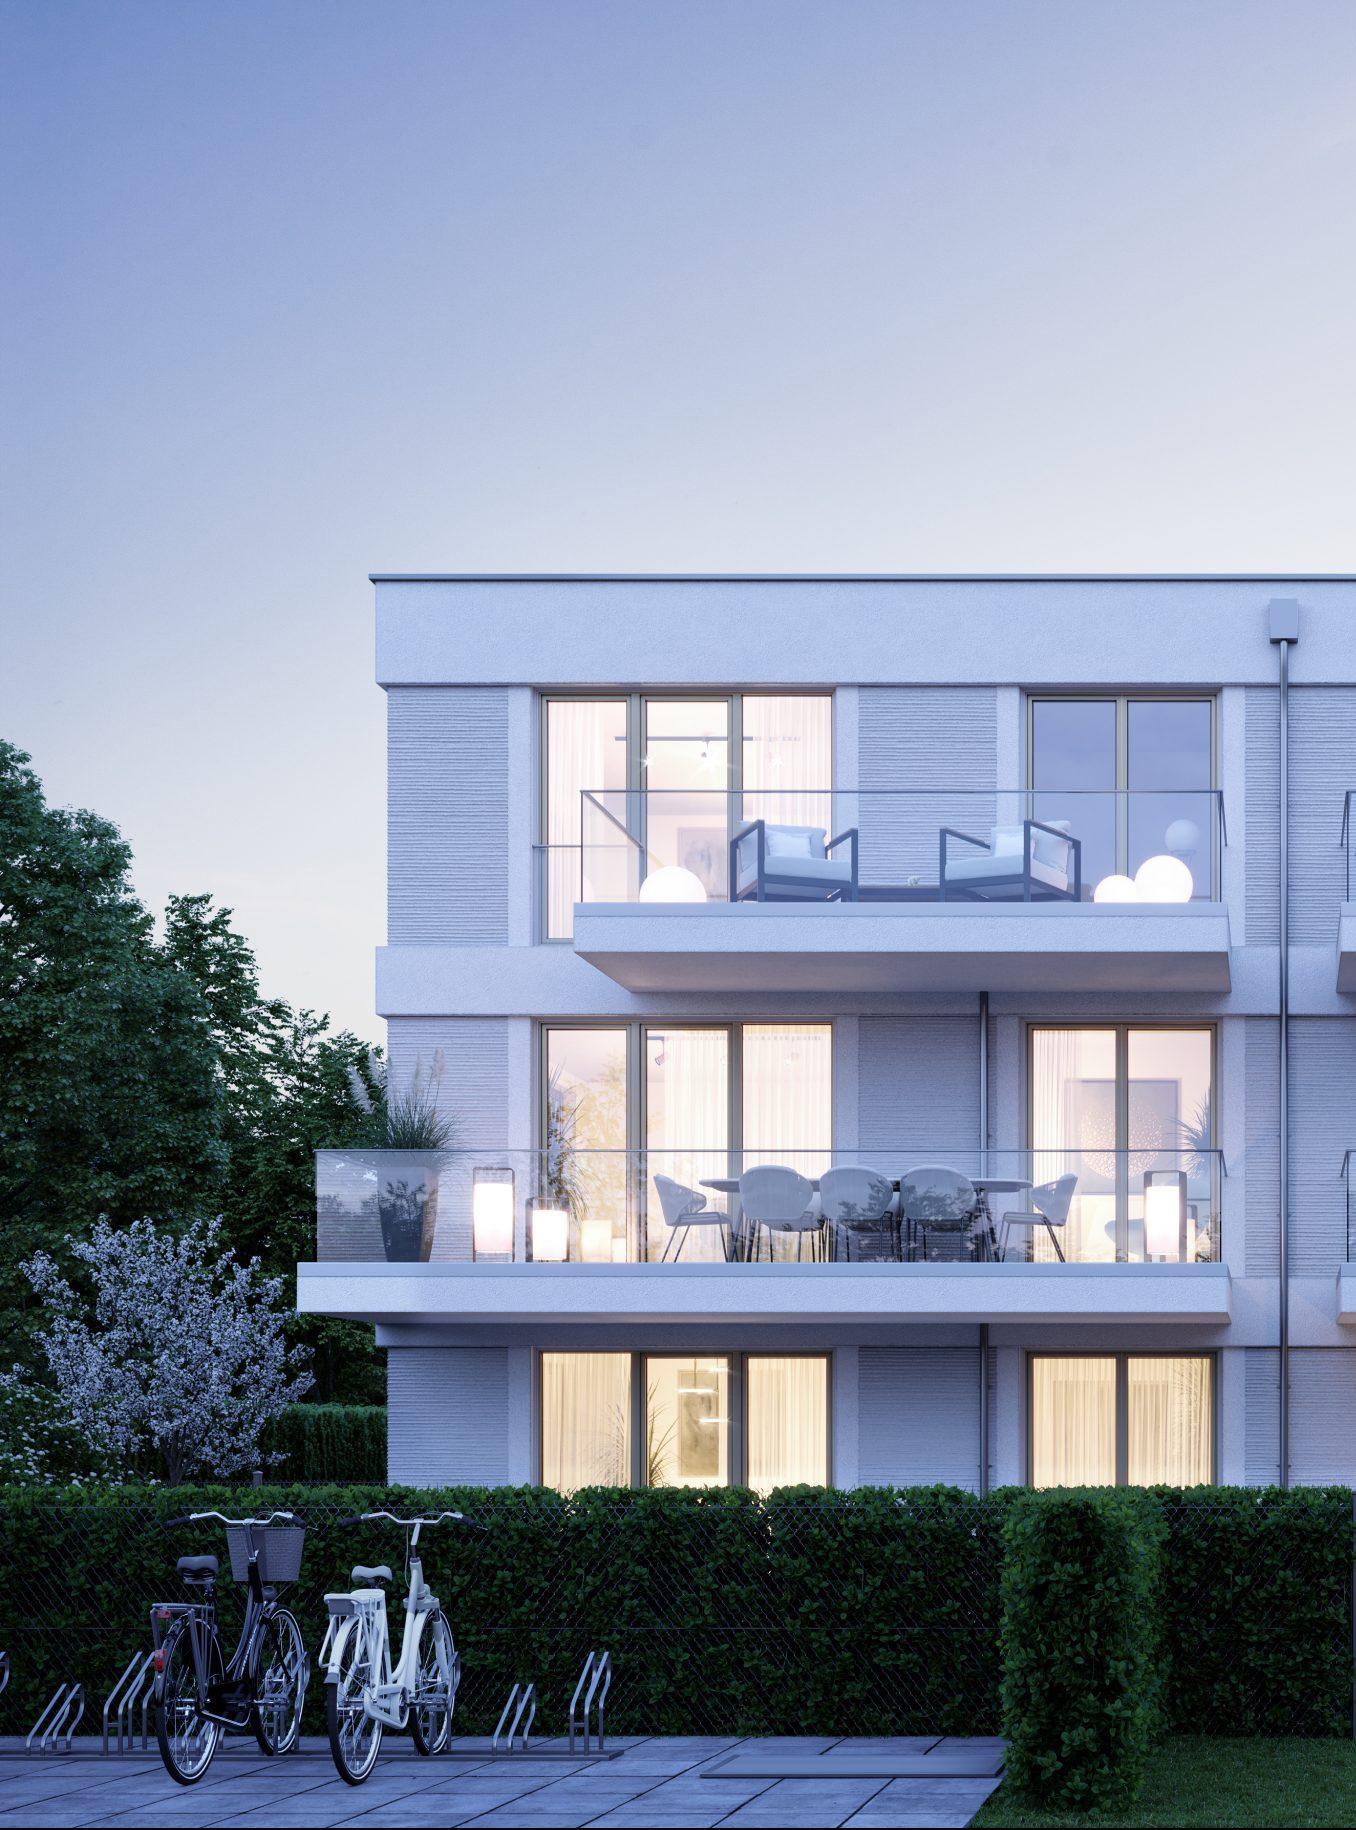 LHOMES Geiselgasteig Ansicht Haus